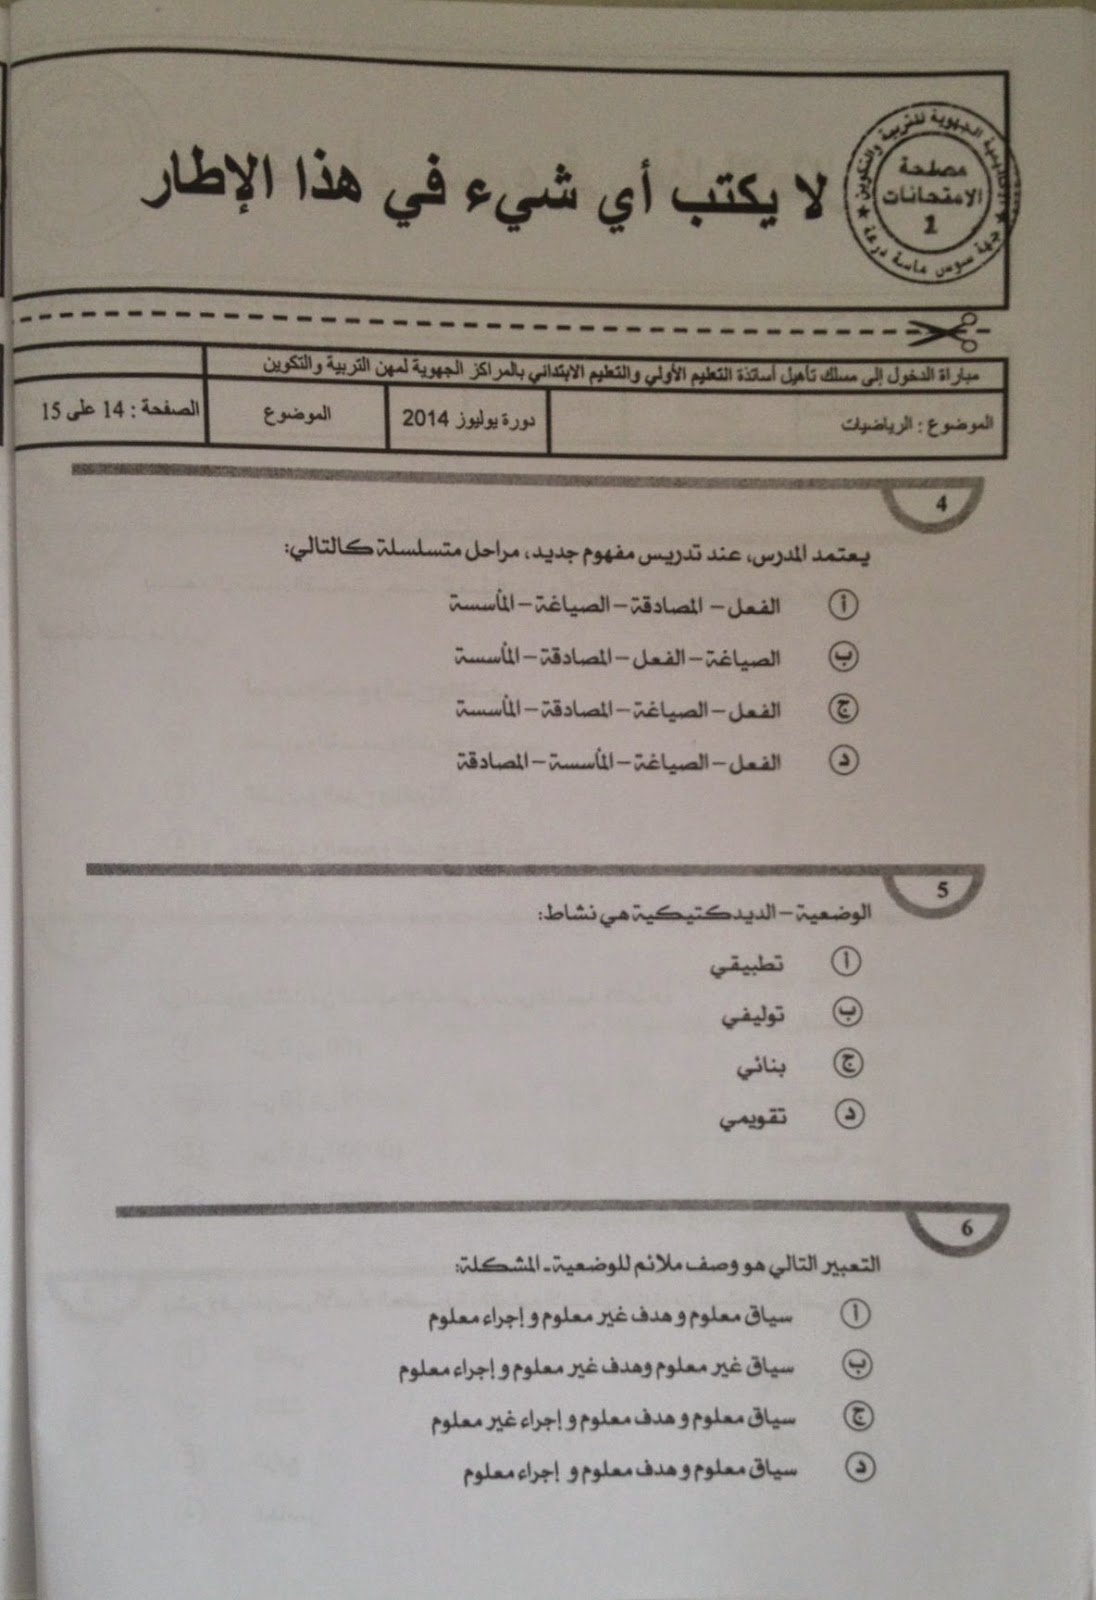 الاختبار الكتابي لولوج المراكز الجهوية للسلك الابتدائي دورة يوليوز 2014- مادة الرياضيات  Nouveau%2Bdocument%2B2_24